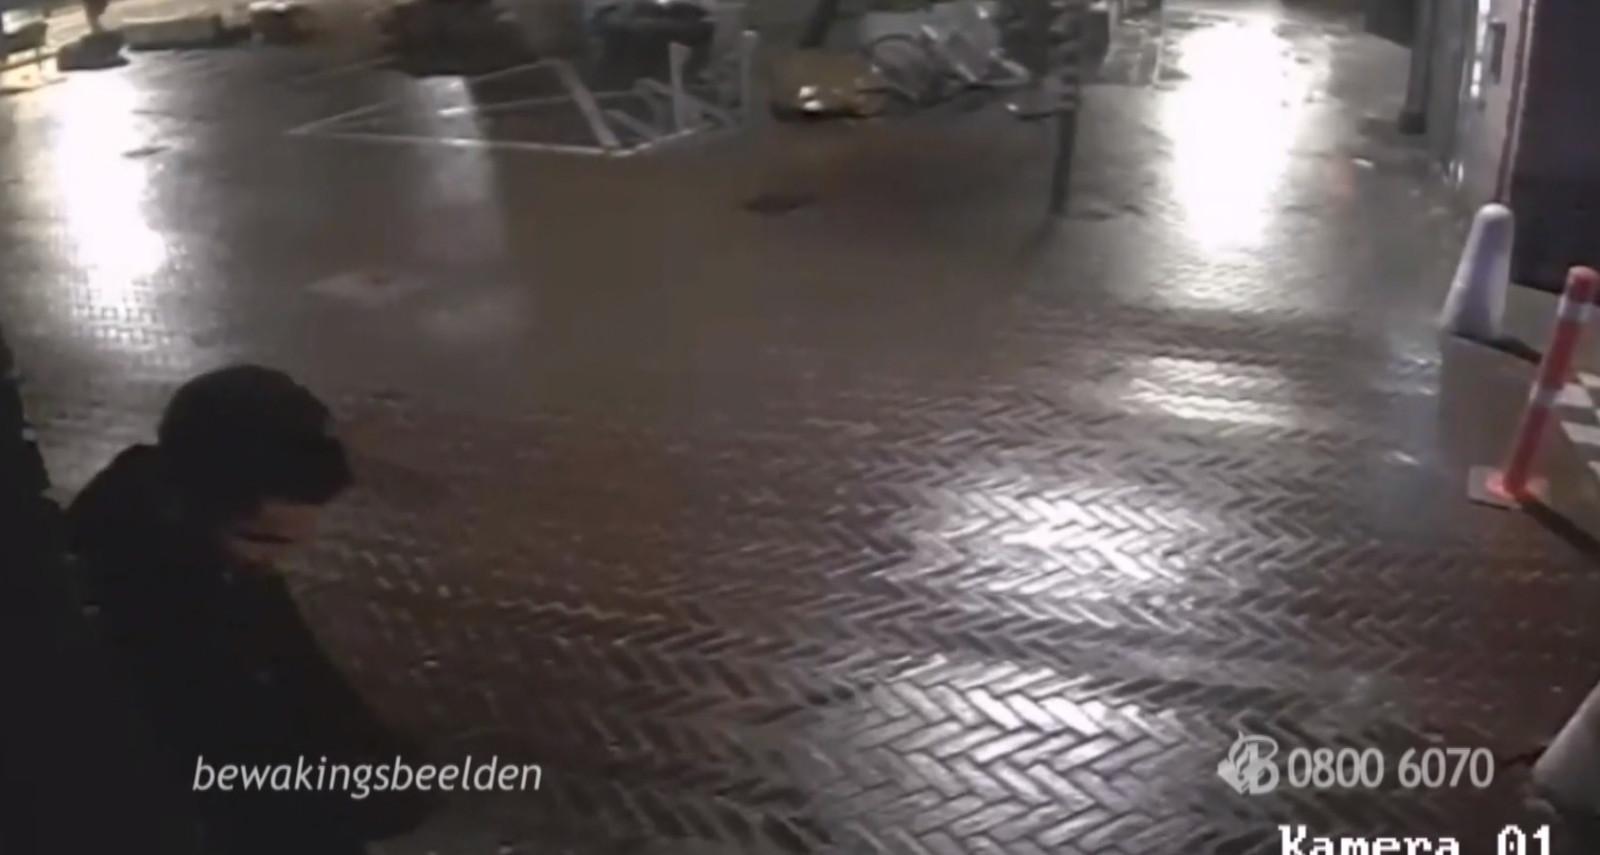 De aanslagpleger van Shisha Lounge Eindhoven